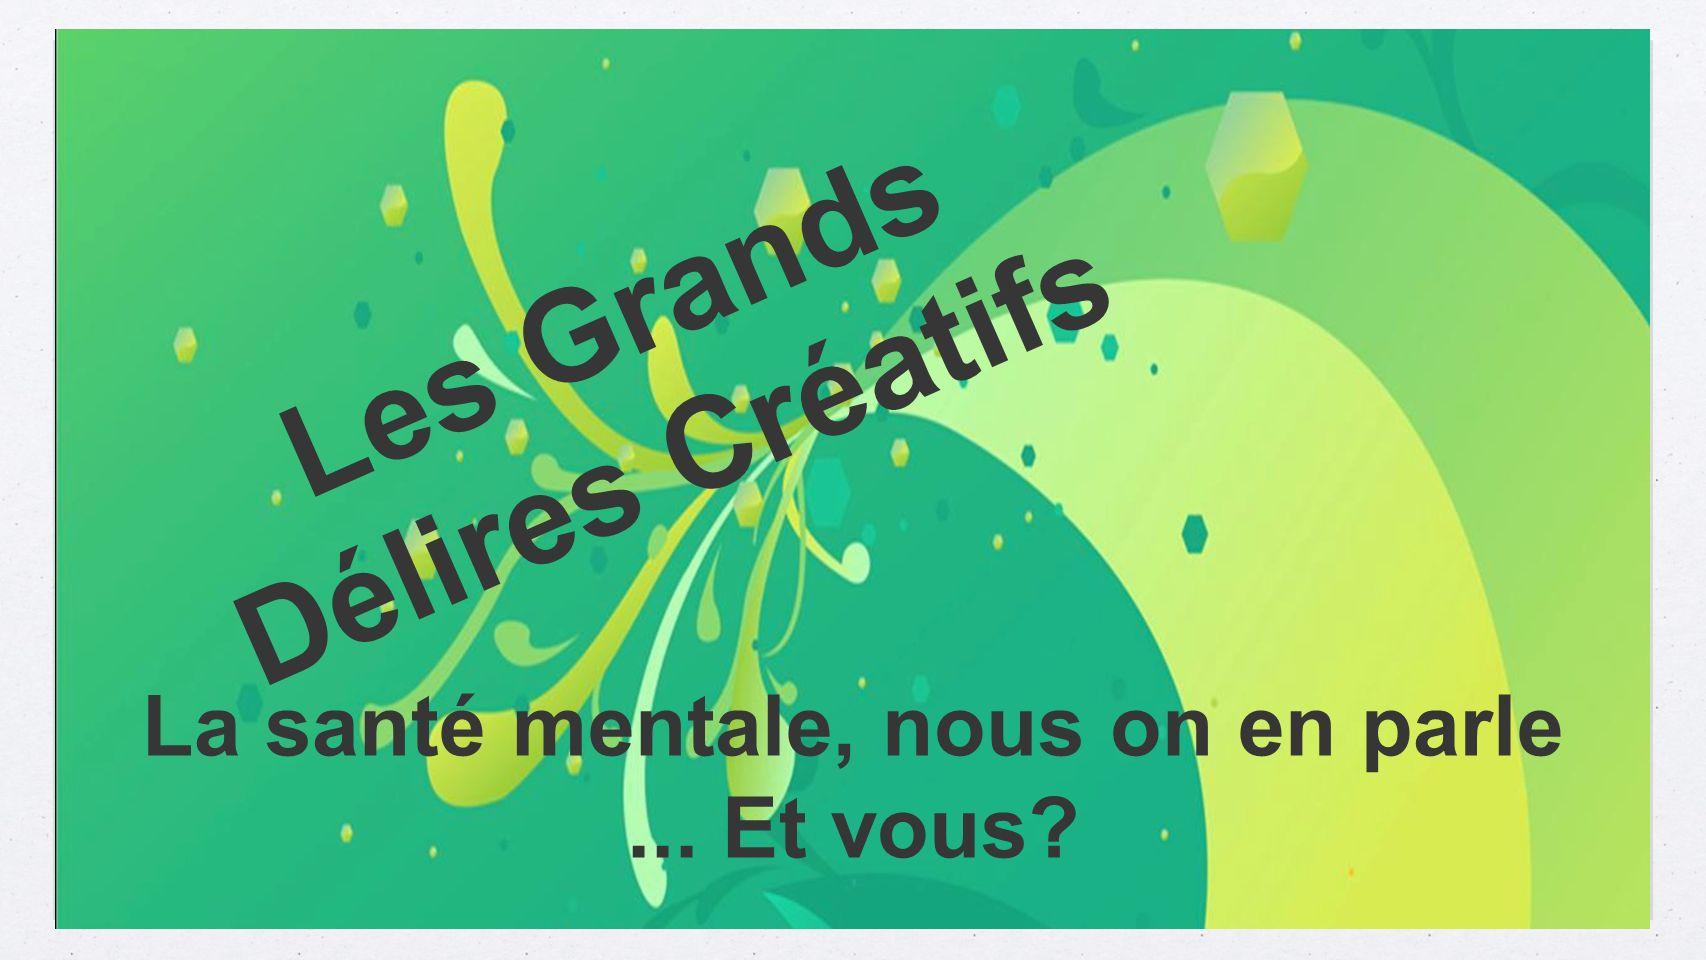 Les Grands Délires Créatifs La santé mentale, nous on en parle... Et vous?